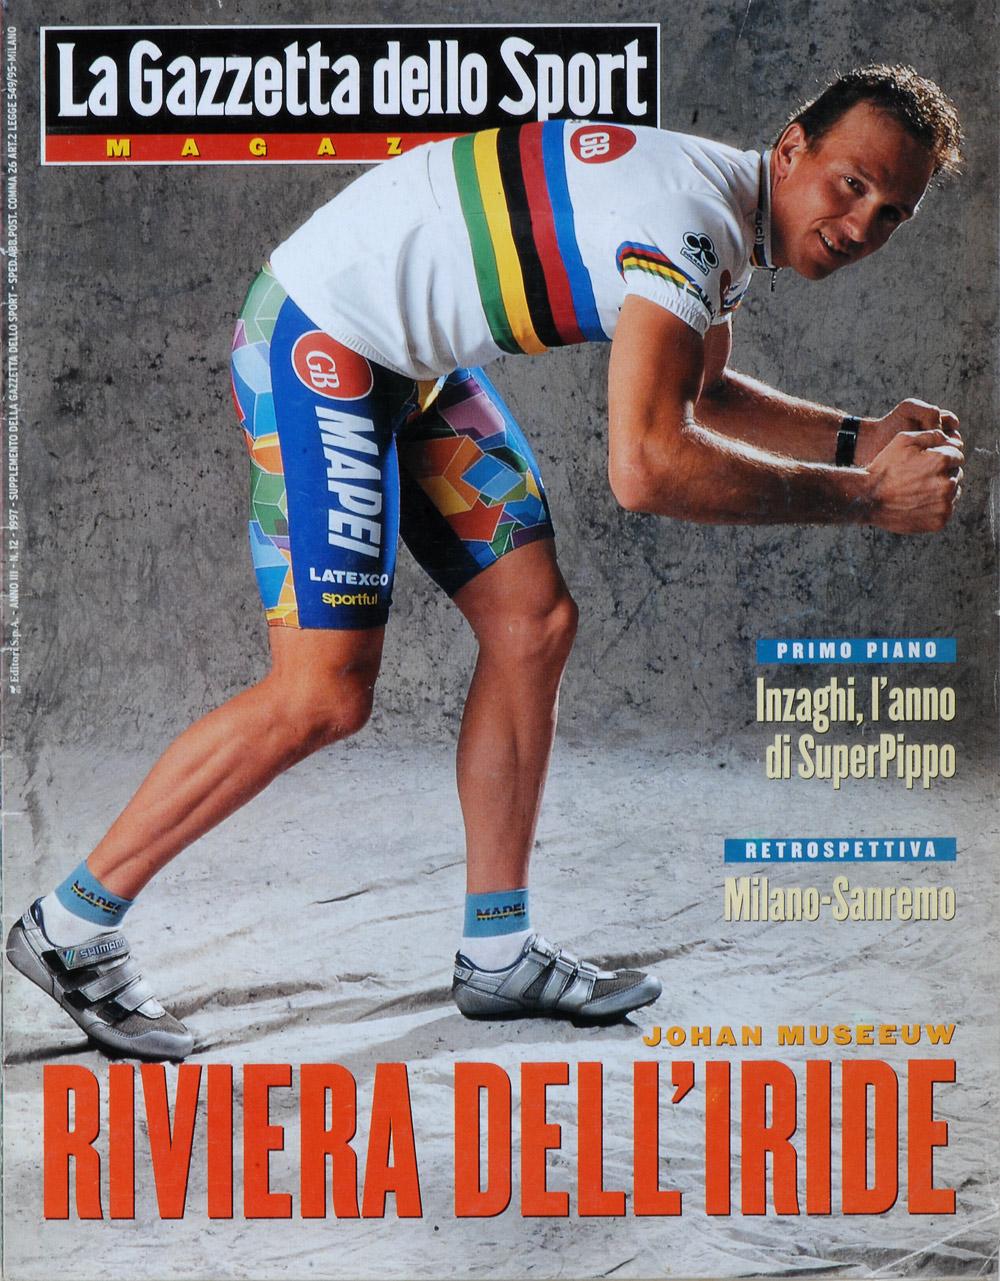 Gazzetta dello Sport Magazine Cover